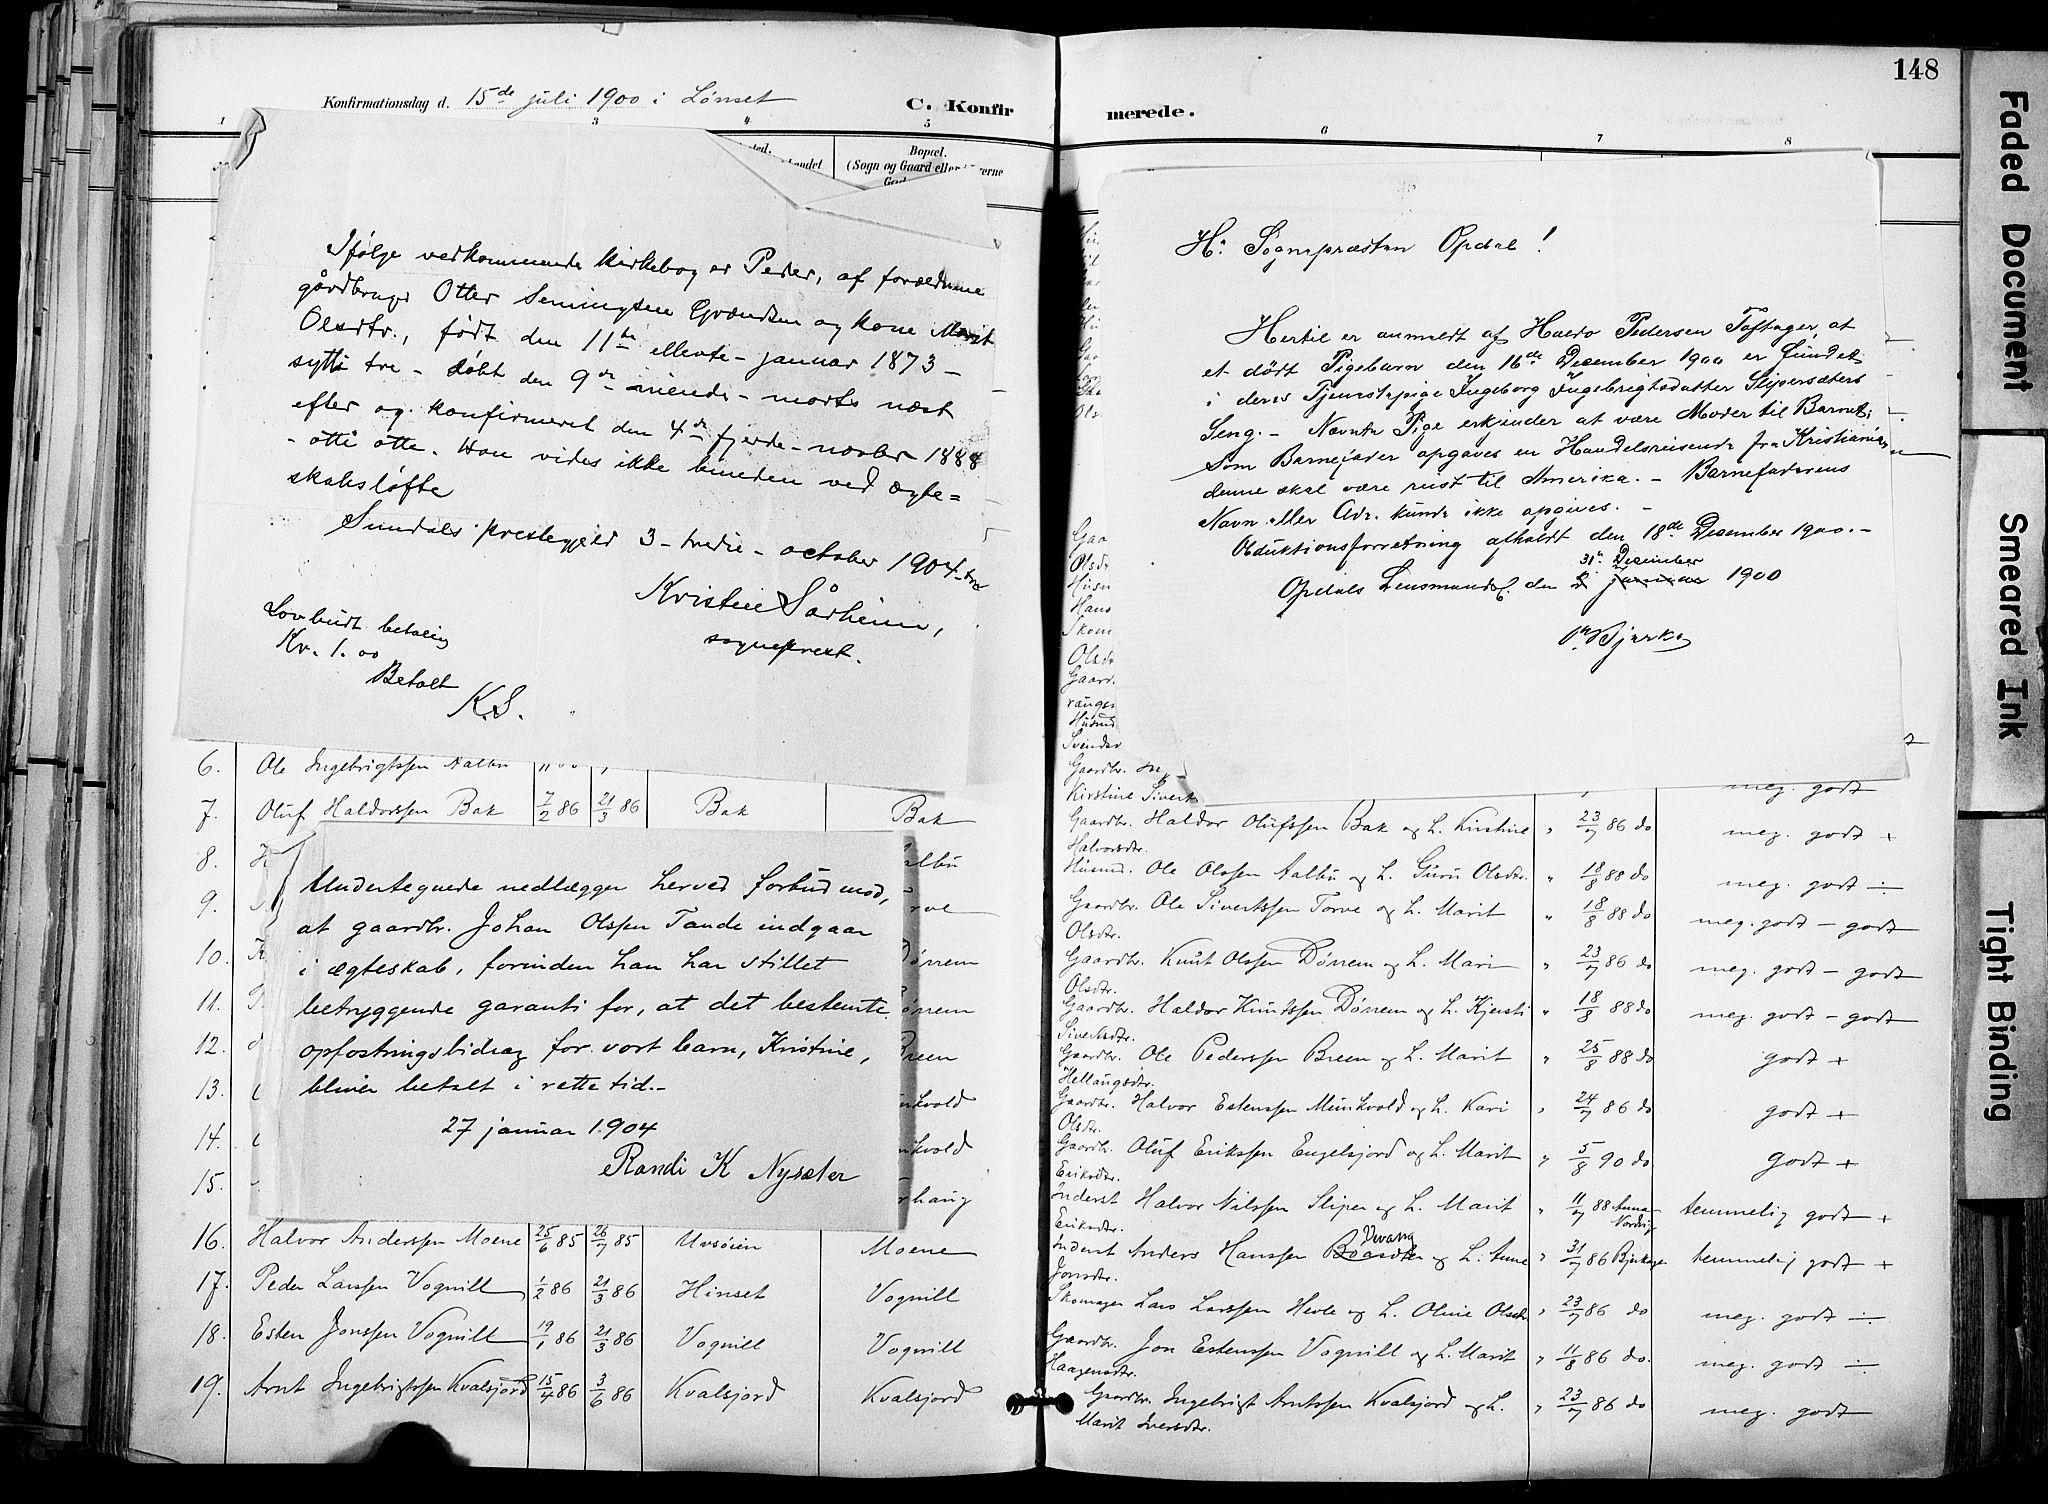 SAT, Ministerialprotokoller, klokkerbøker og fødselsregistre - Sør-Trøndelag, 678/L0902: Ministerialbok nr. 678A11, 1895-1911, s. 148